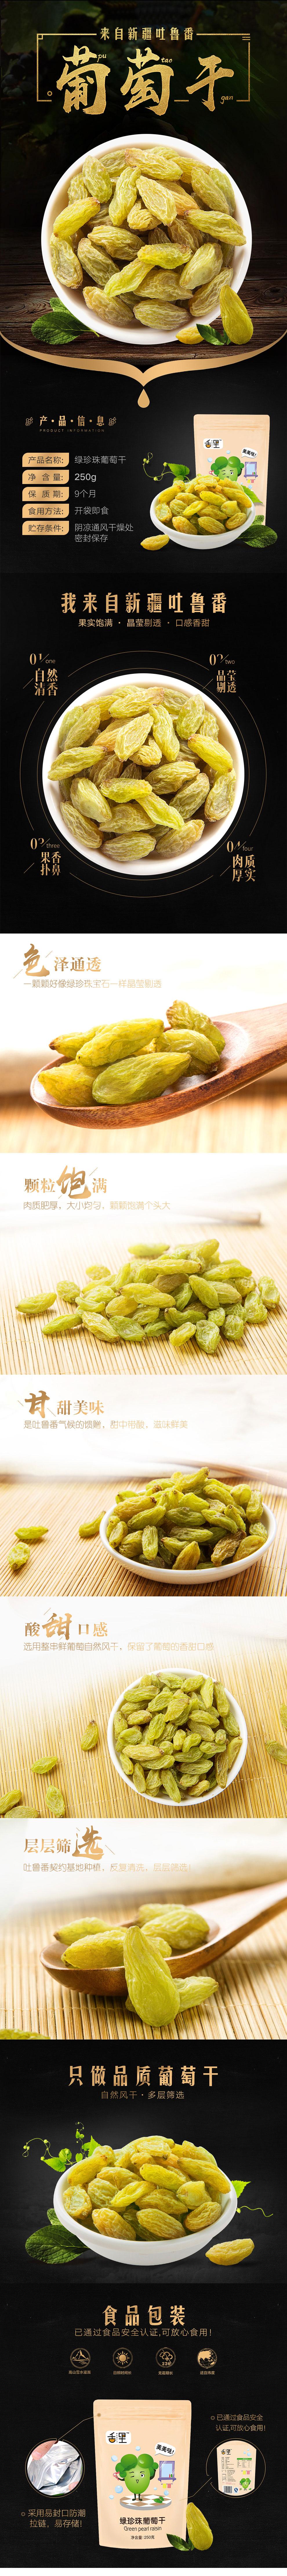 葡萄干特产水果农家食品详情页